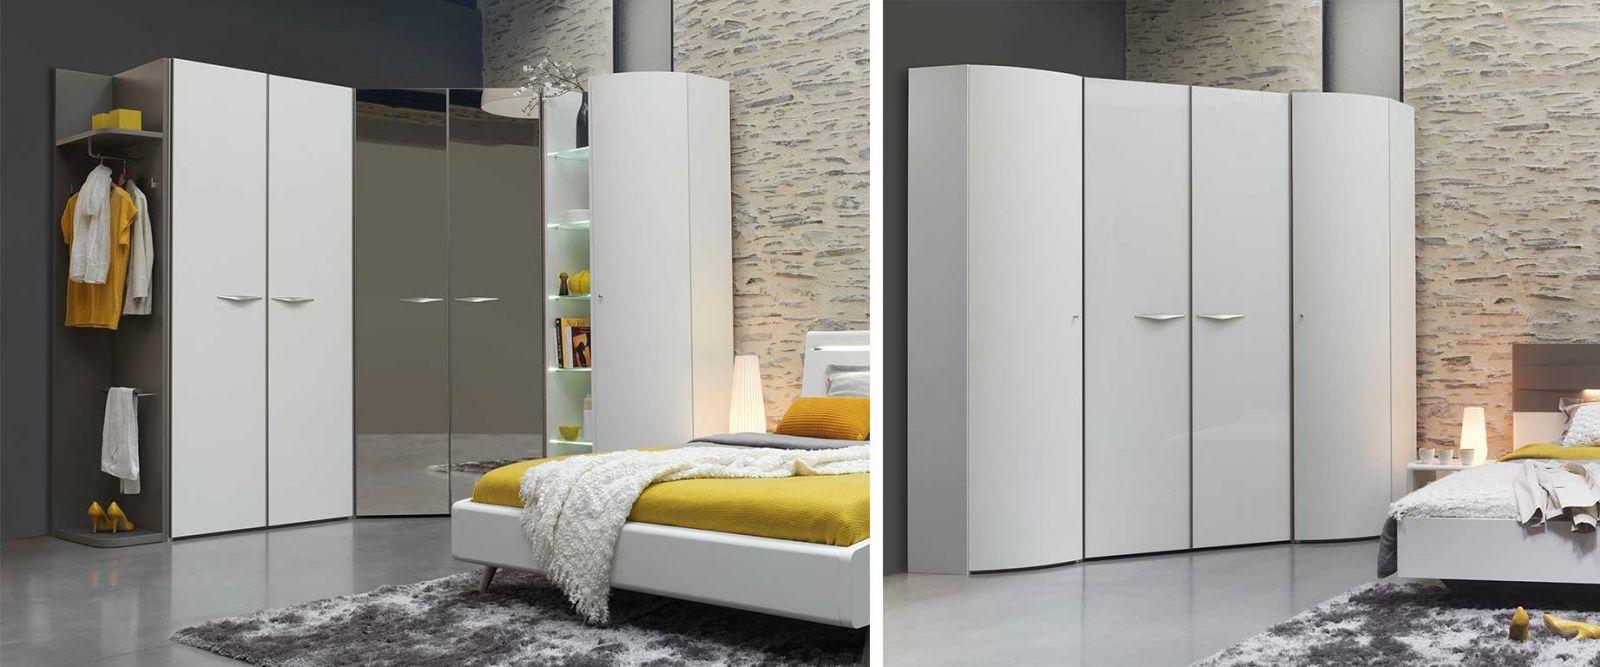 Placard Avec Lit Integre optimisez vos espaces avec les meubles célio   meubles celio